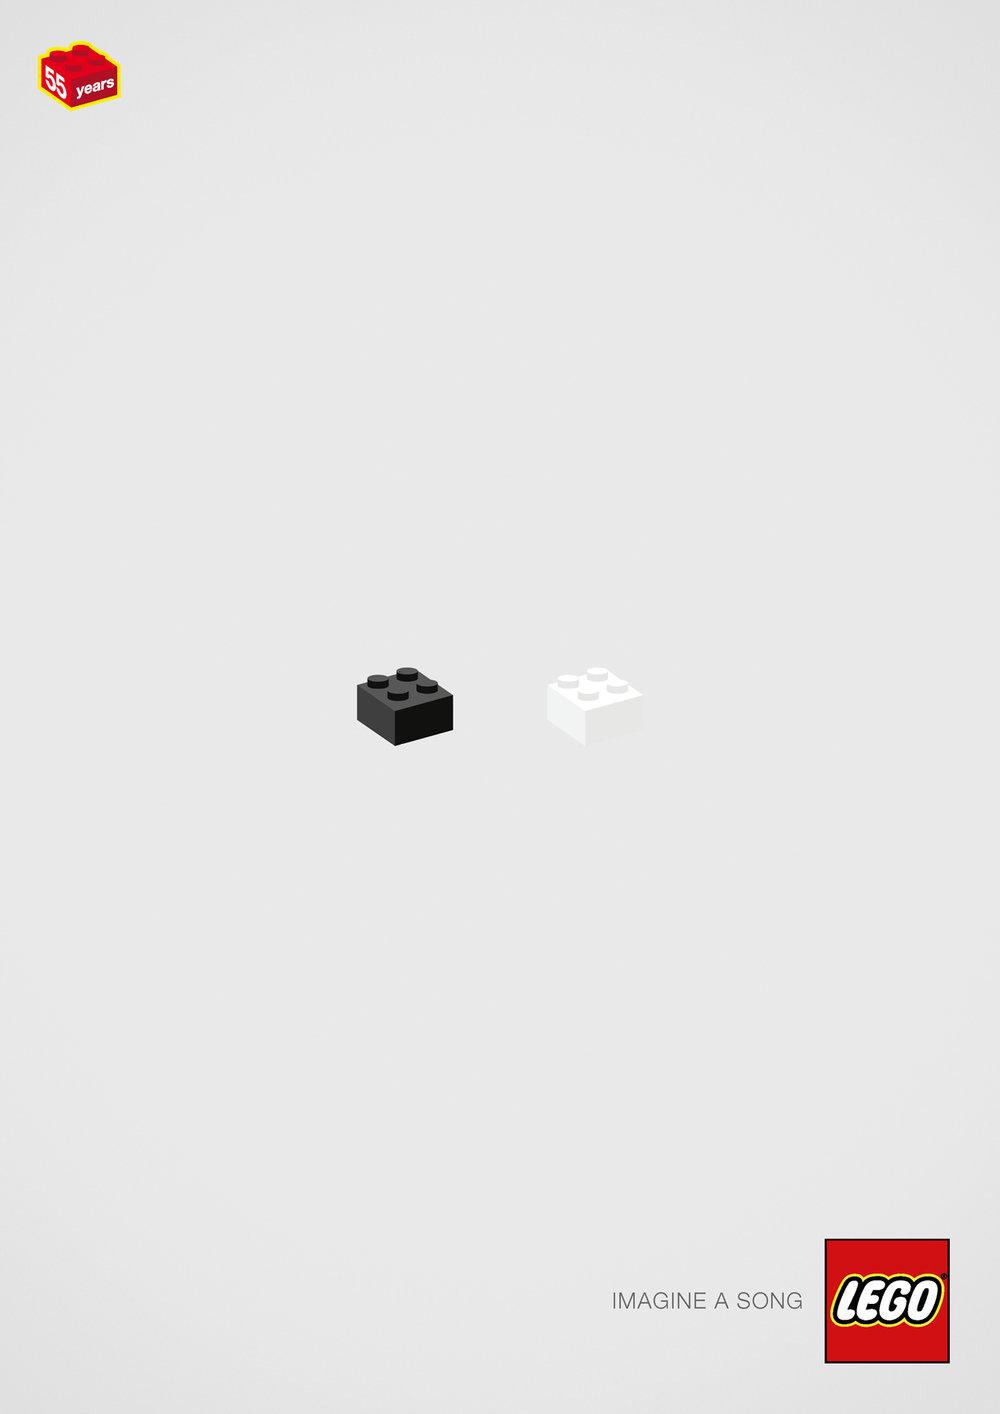 black_or_white.jpg